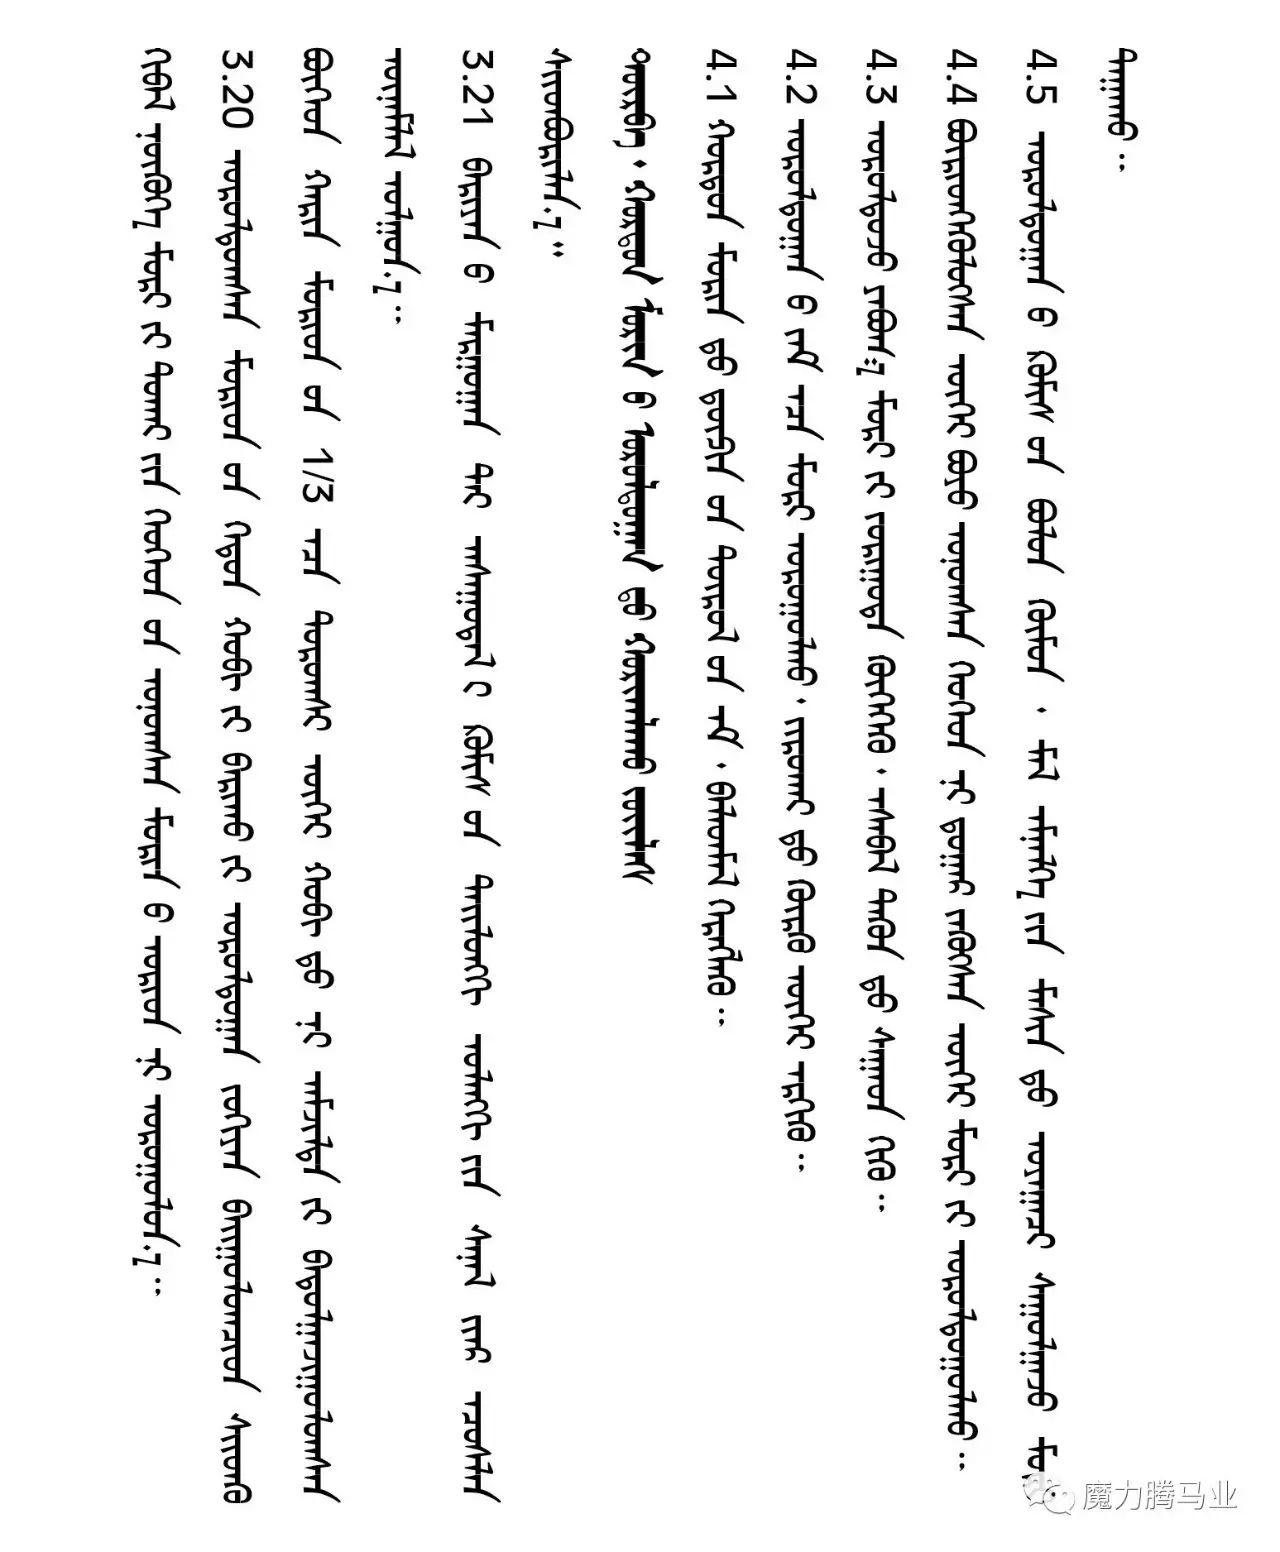 蒙古国赛马章程介绍 第29张 蒙古国赛马章程介绍 蒙古文库